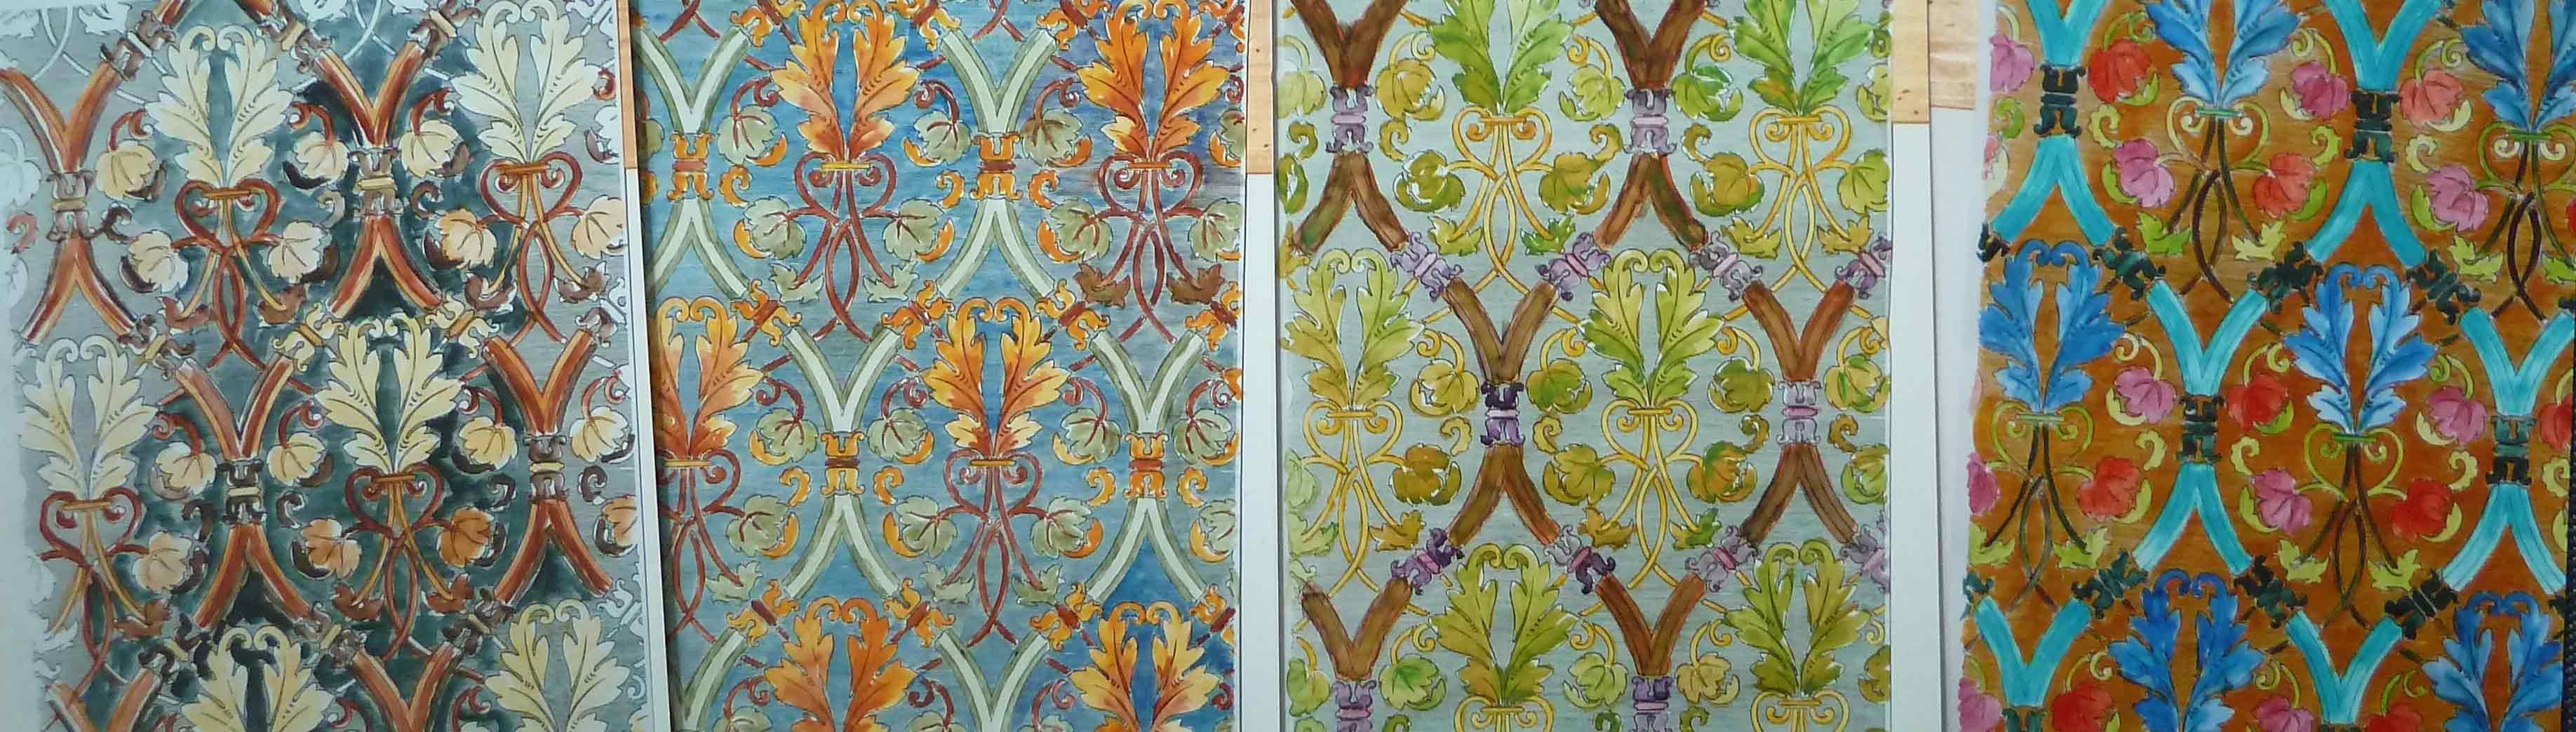 vier Bilder der Farbigen Gestaltungen der Muster